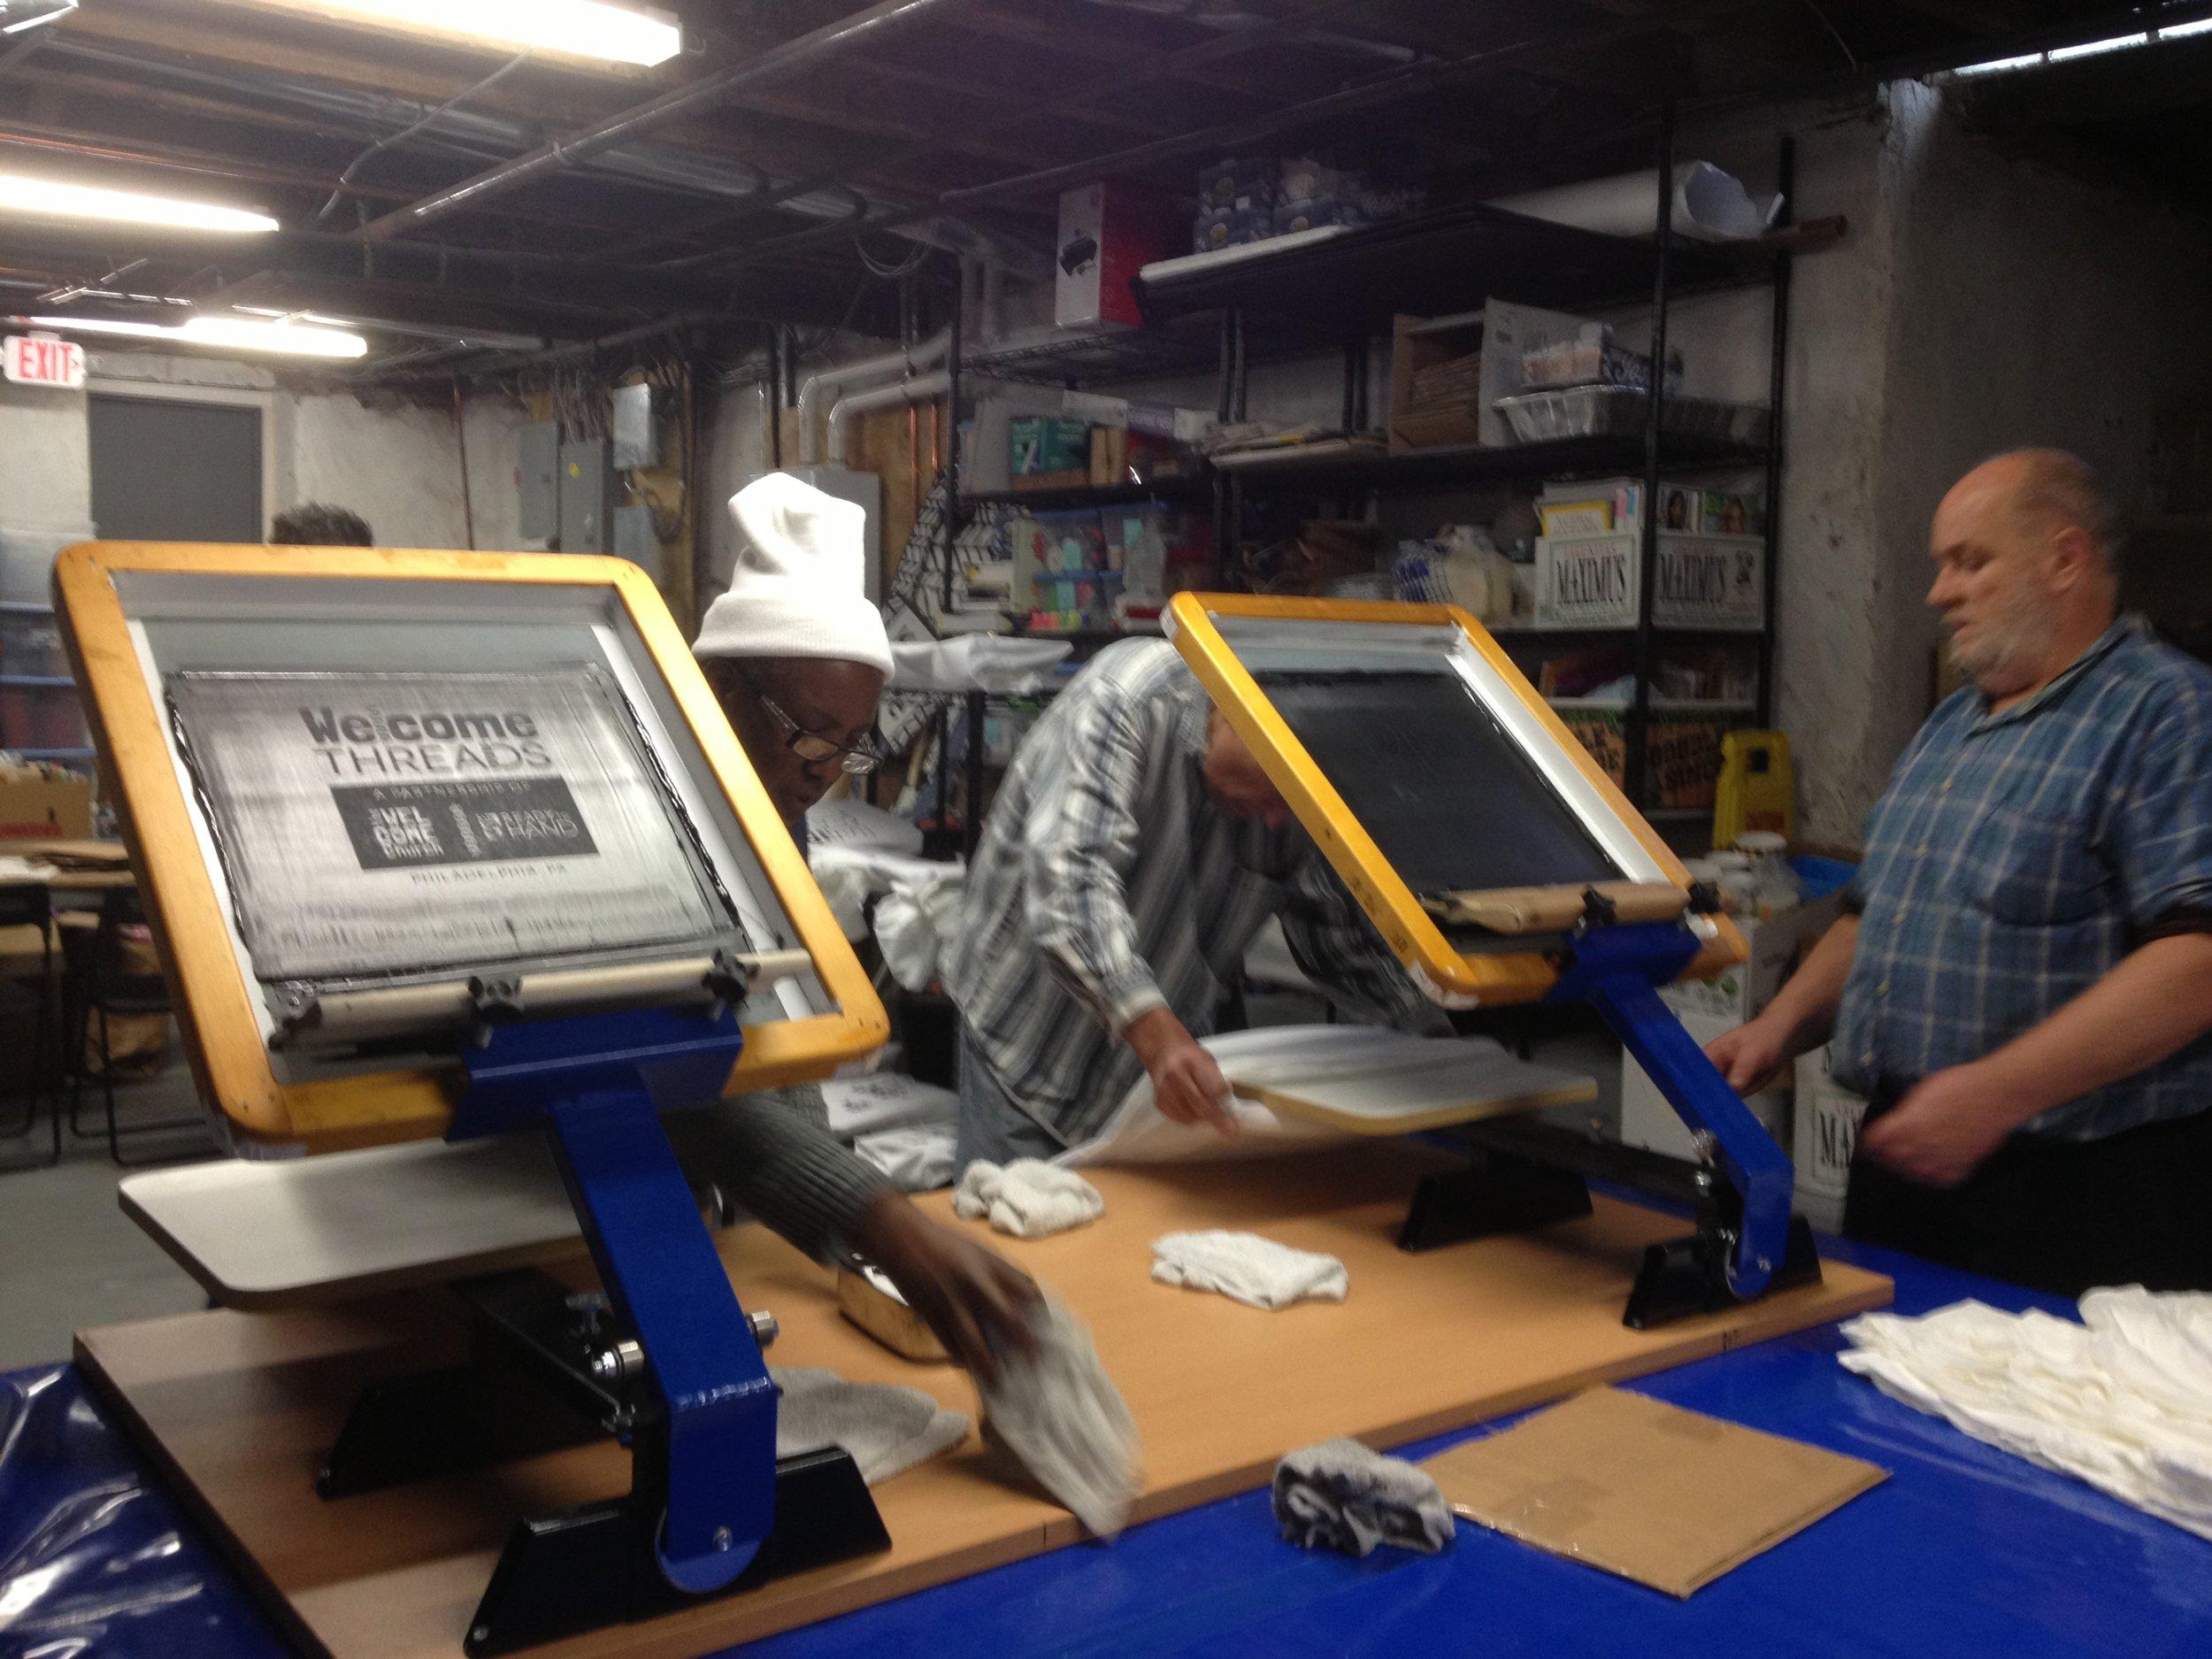 2013-11-26 Printing T's.jpg